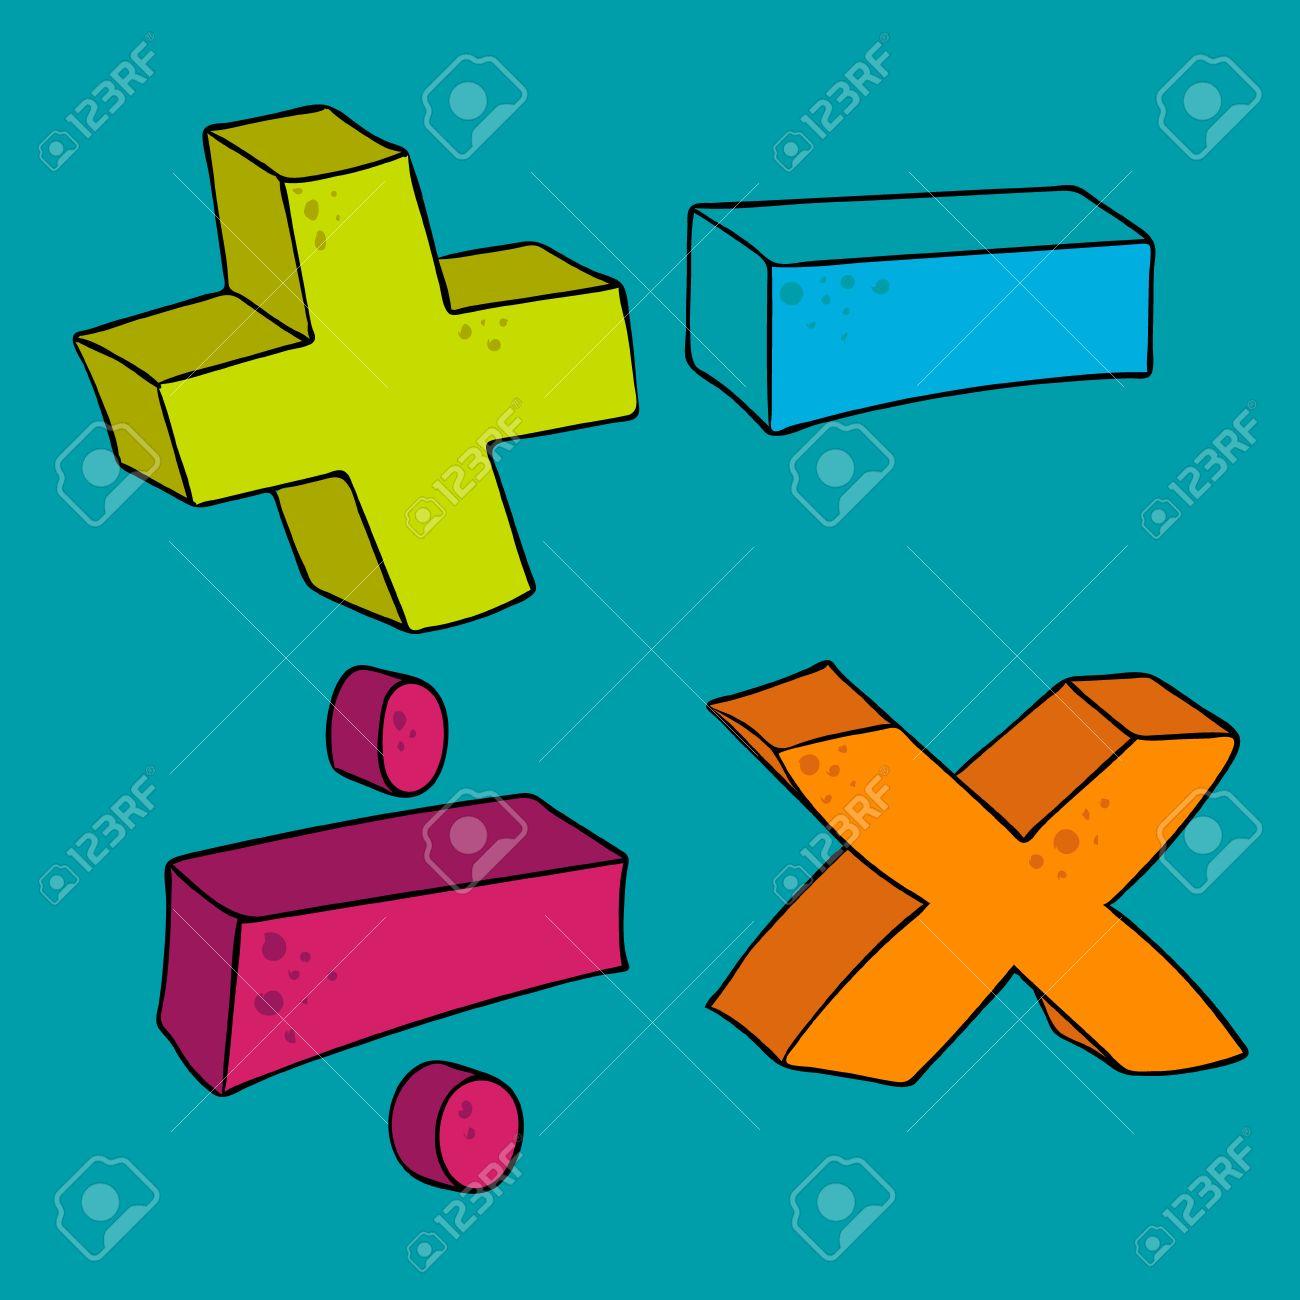 Dibujado A Mano Alzada Simbolos Matematicos De Dibujos Animados Mas